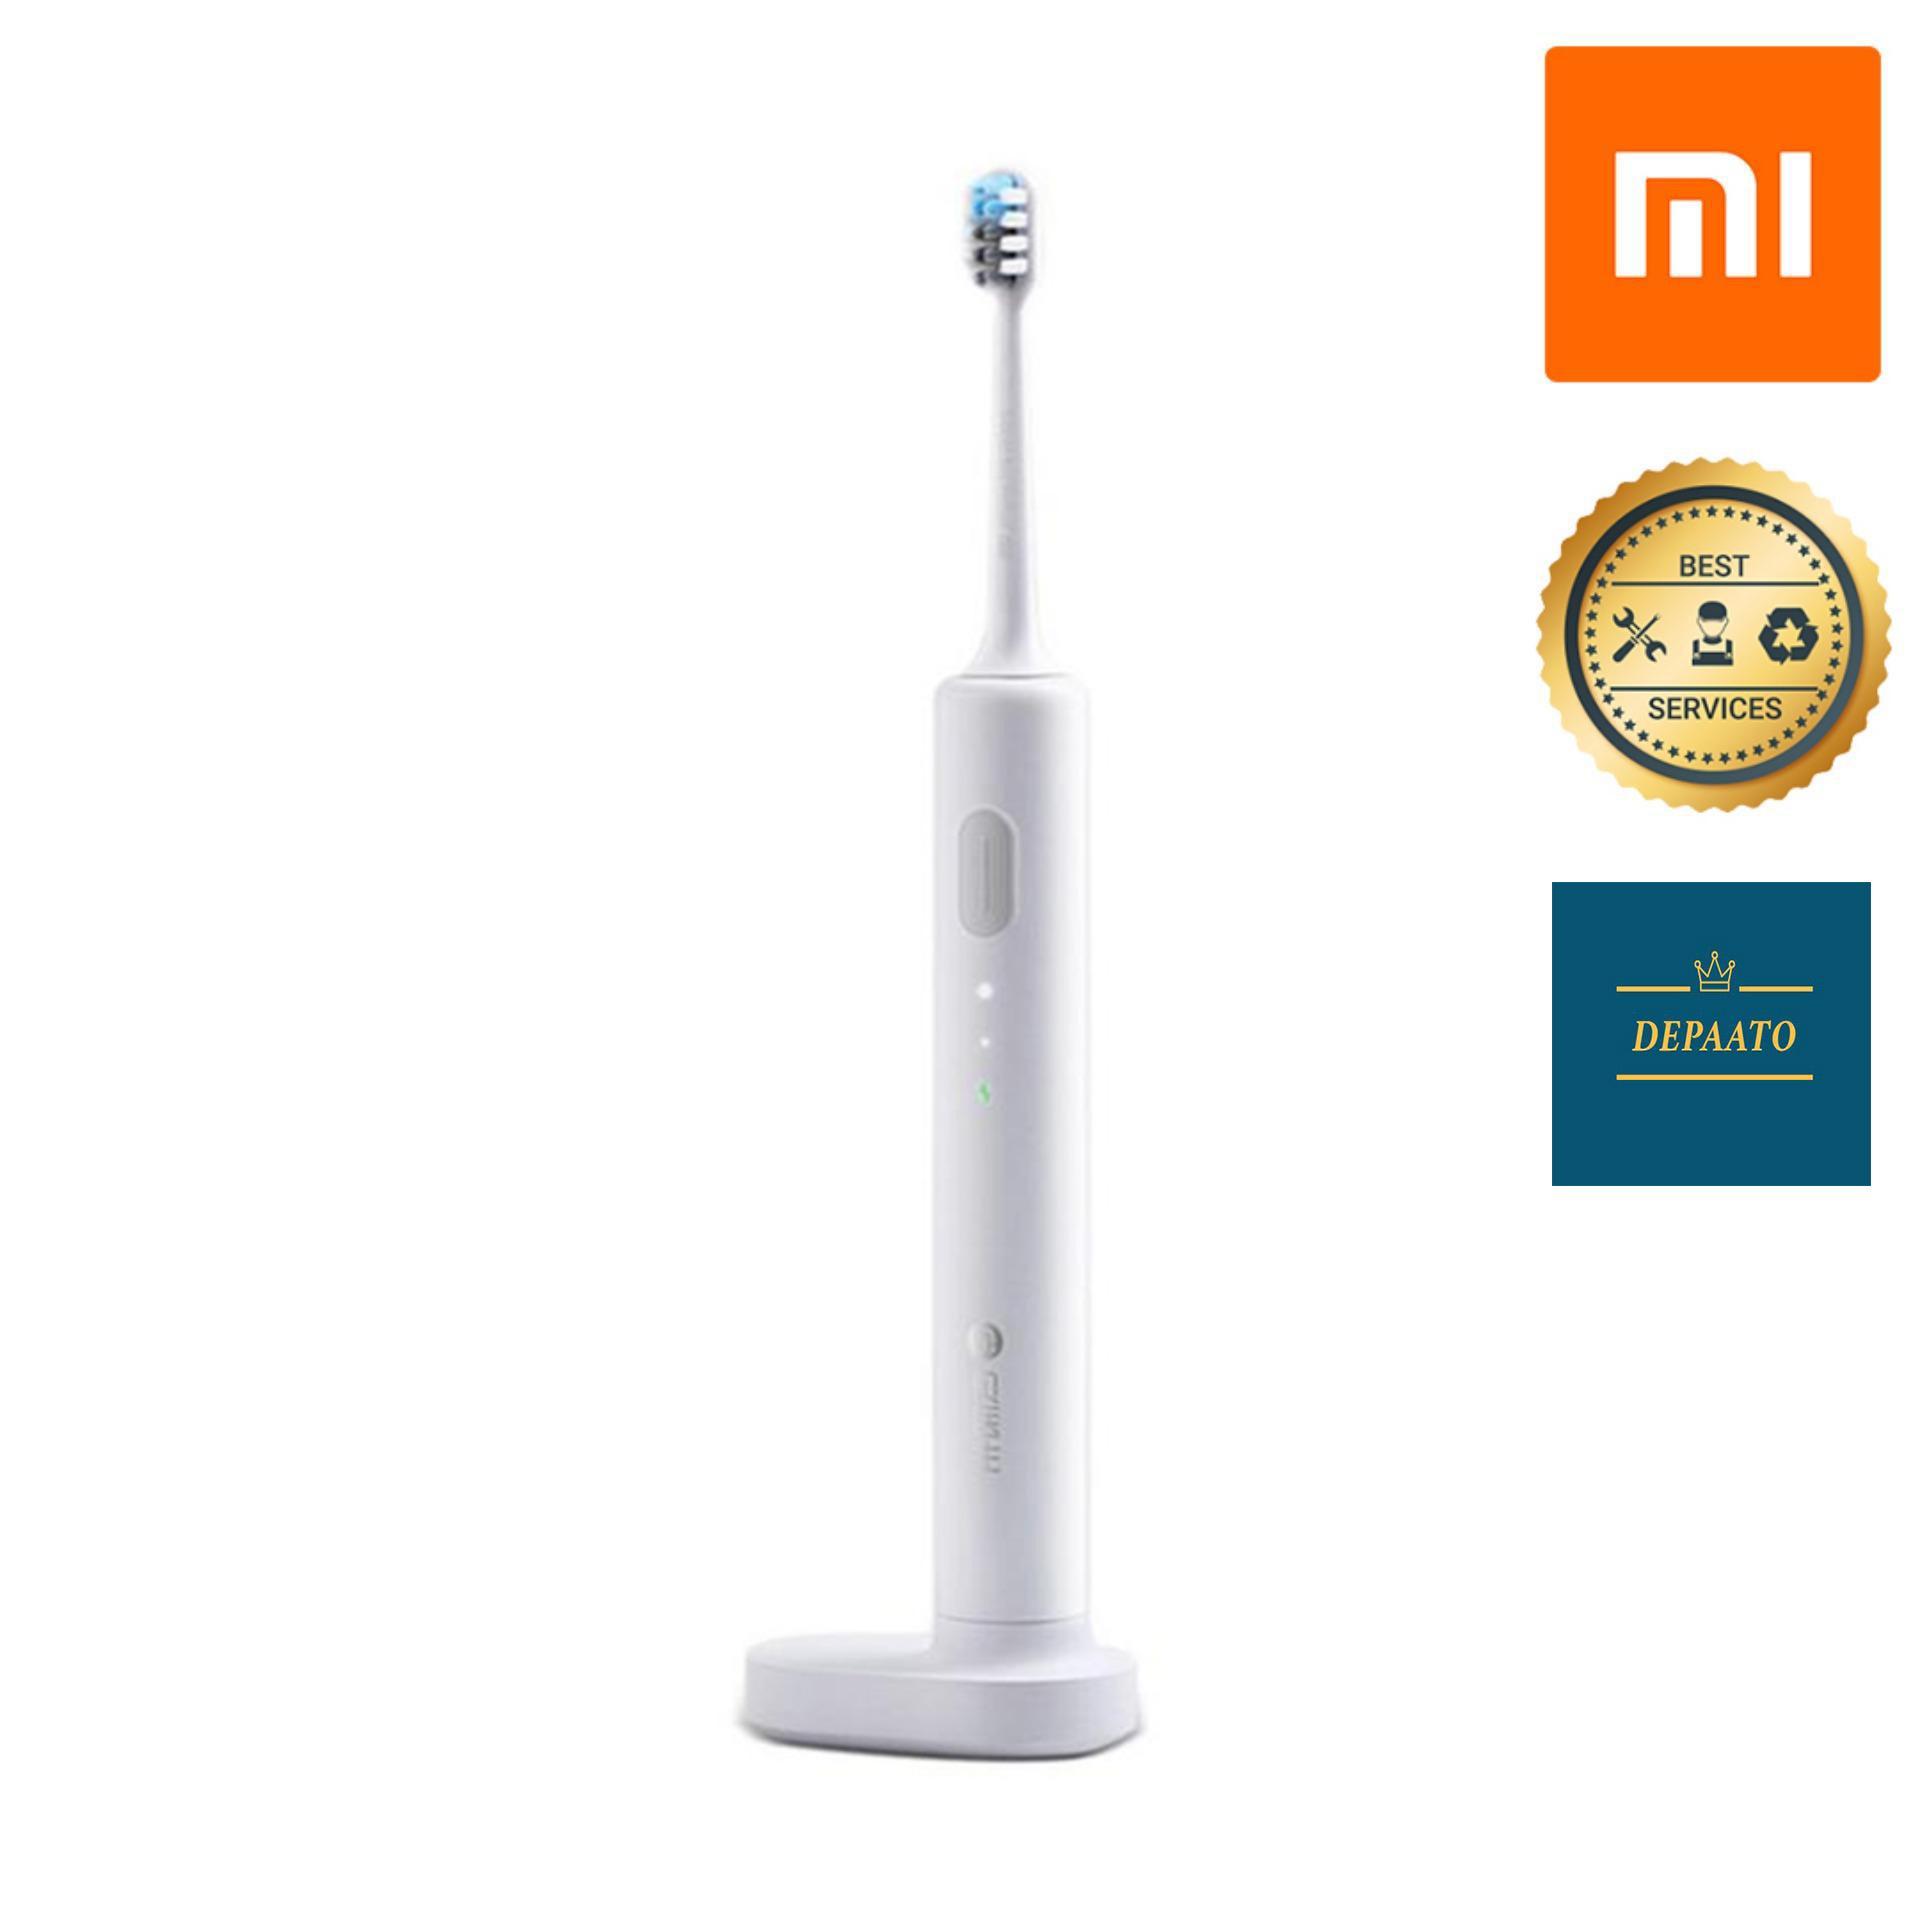 Giá Bàn chải điện Xiaomi Doctor B